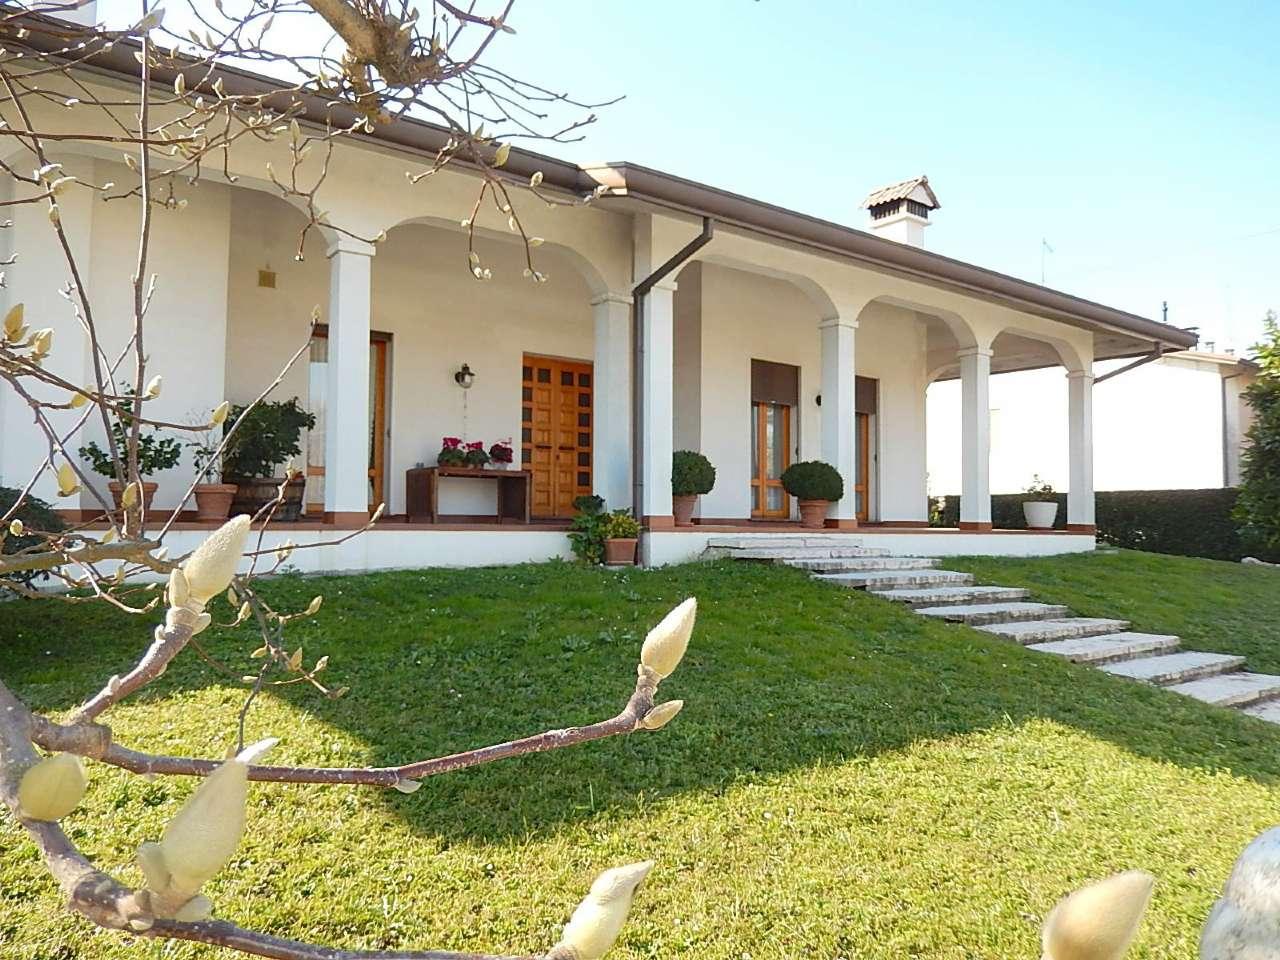 Villa in vendita a Pontelongo, 6 locali, prezzo € 270.000 | CambioCasa.it